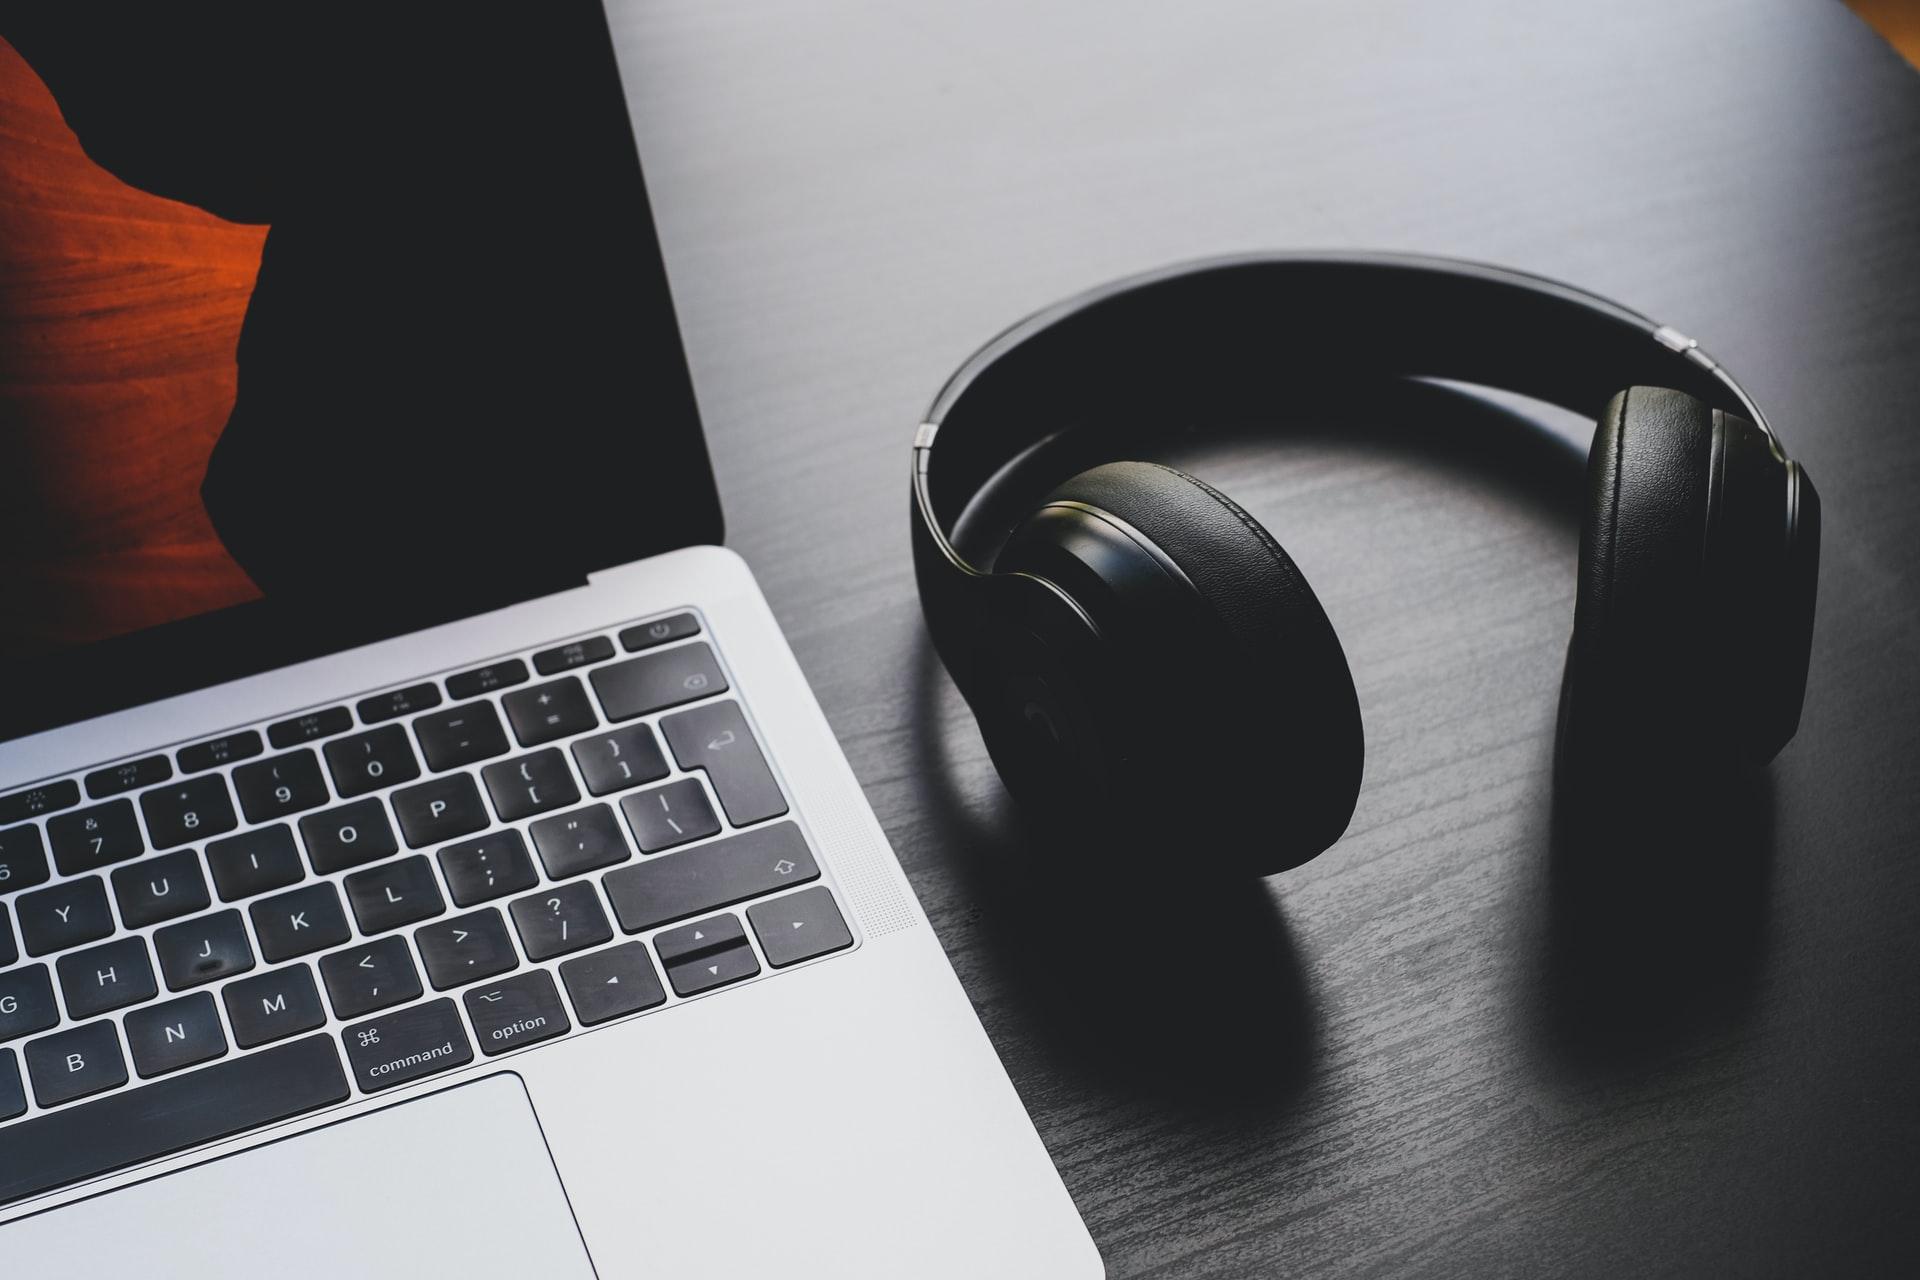 Ein Headset liegt neben einem Laptop.